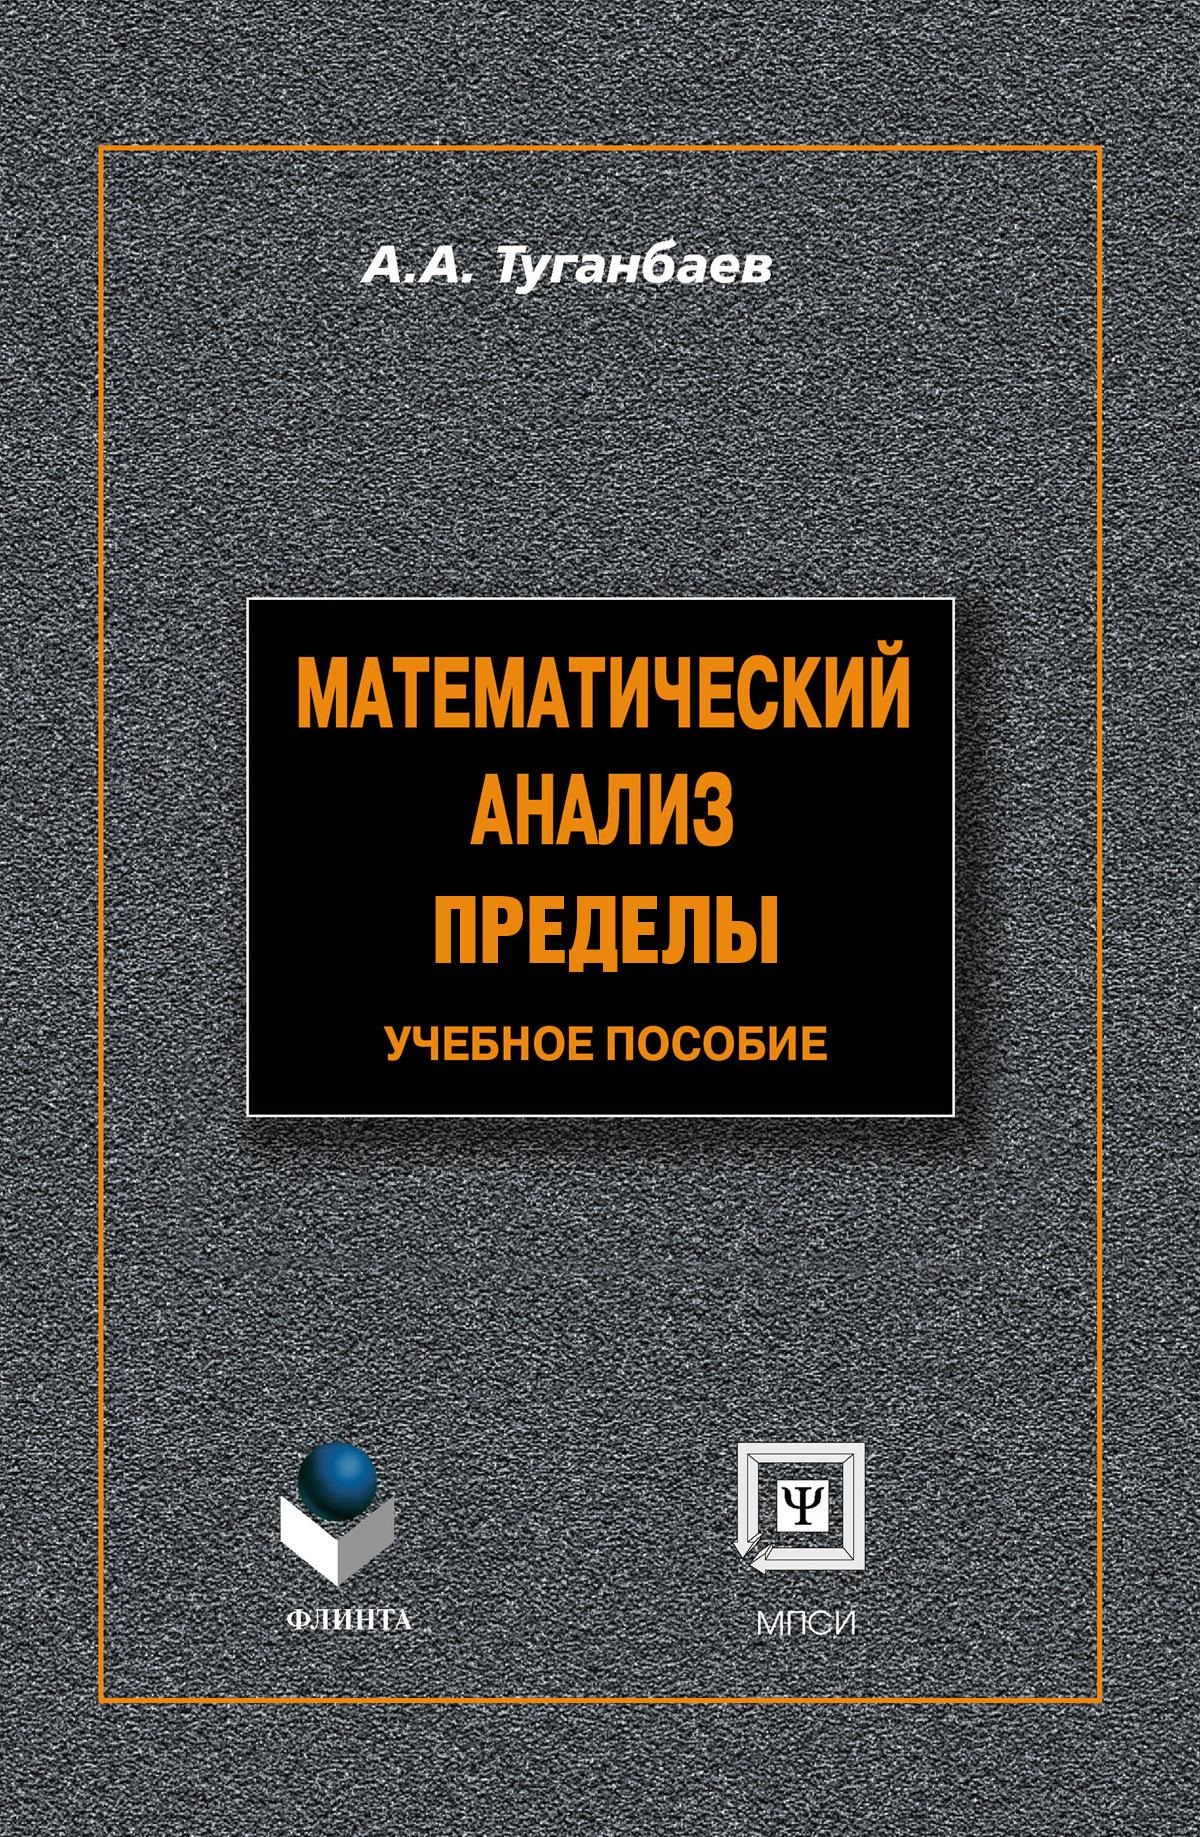 А. А. Туганбаев Математический анализ. Пределы: учебное пособие цена 2017